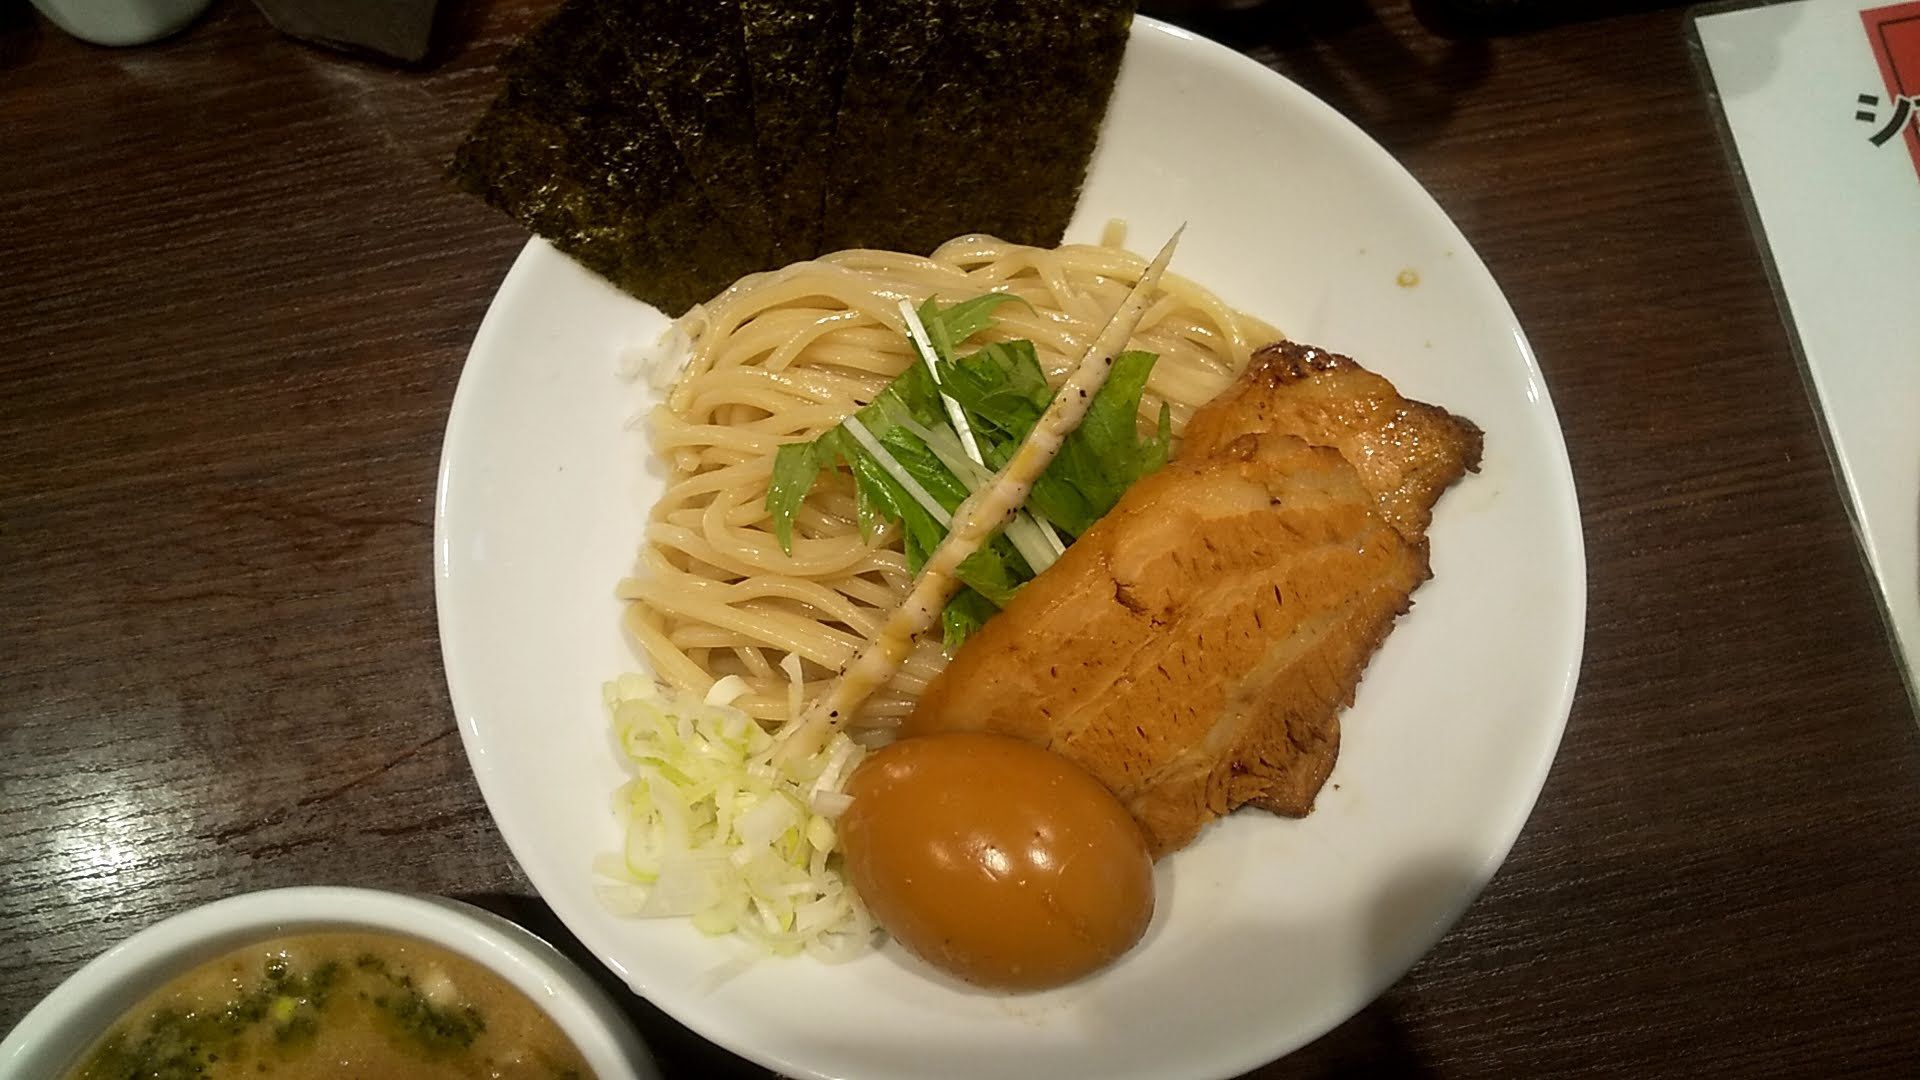 izasaの特製つけ麺の麺皿